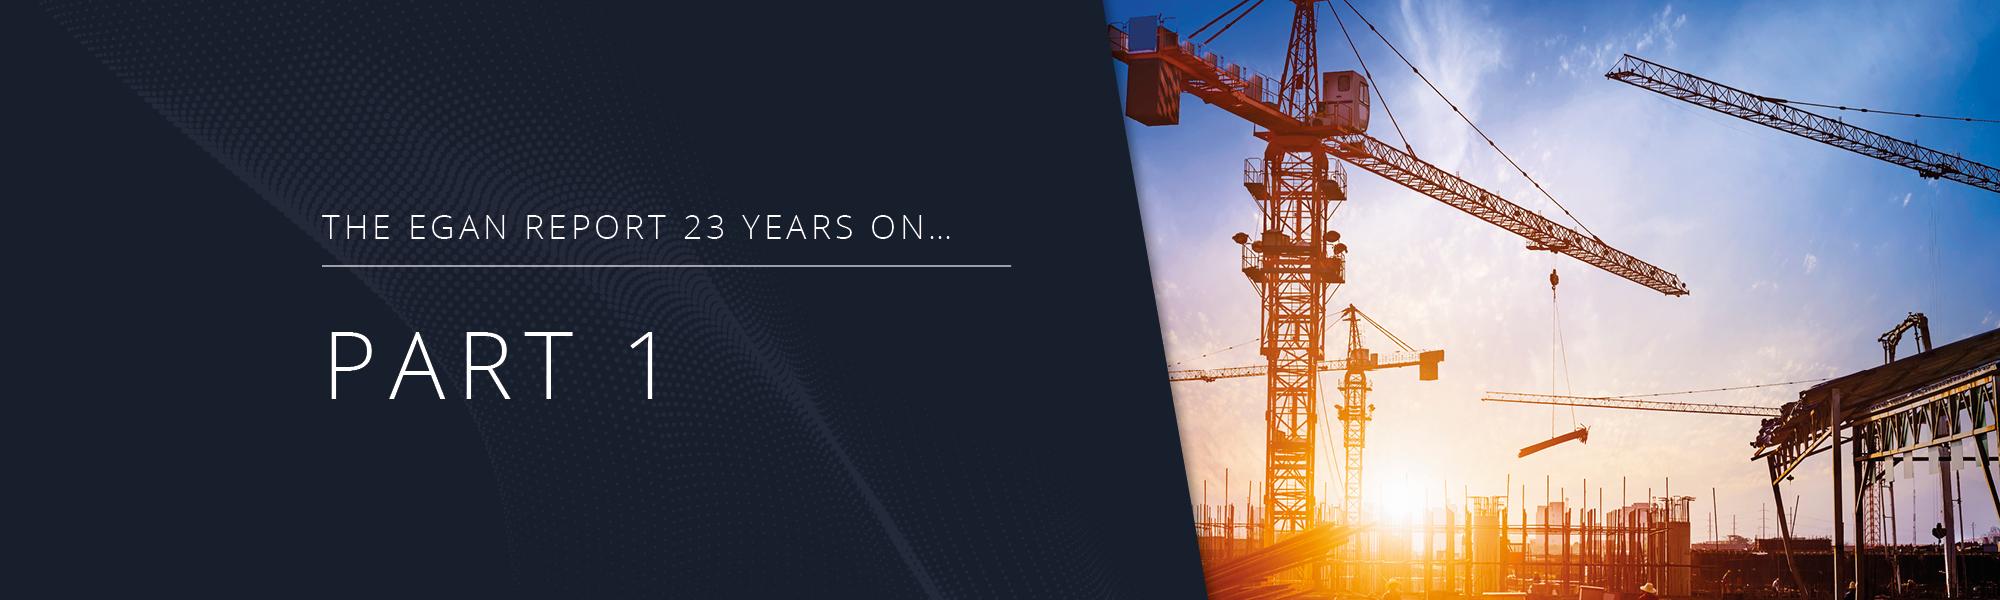 Asite_Egan_Report_Construction_Industry